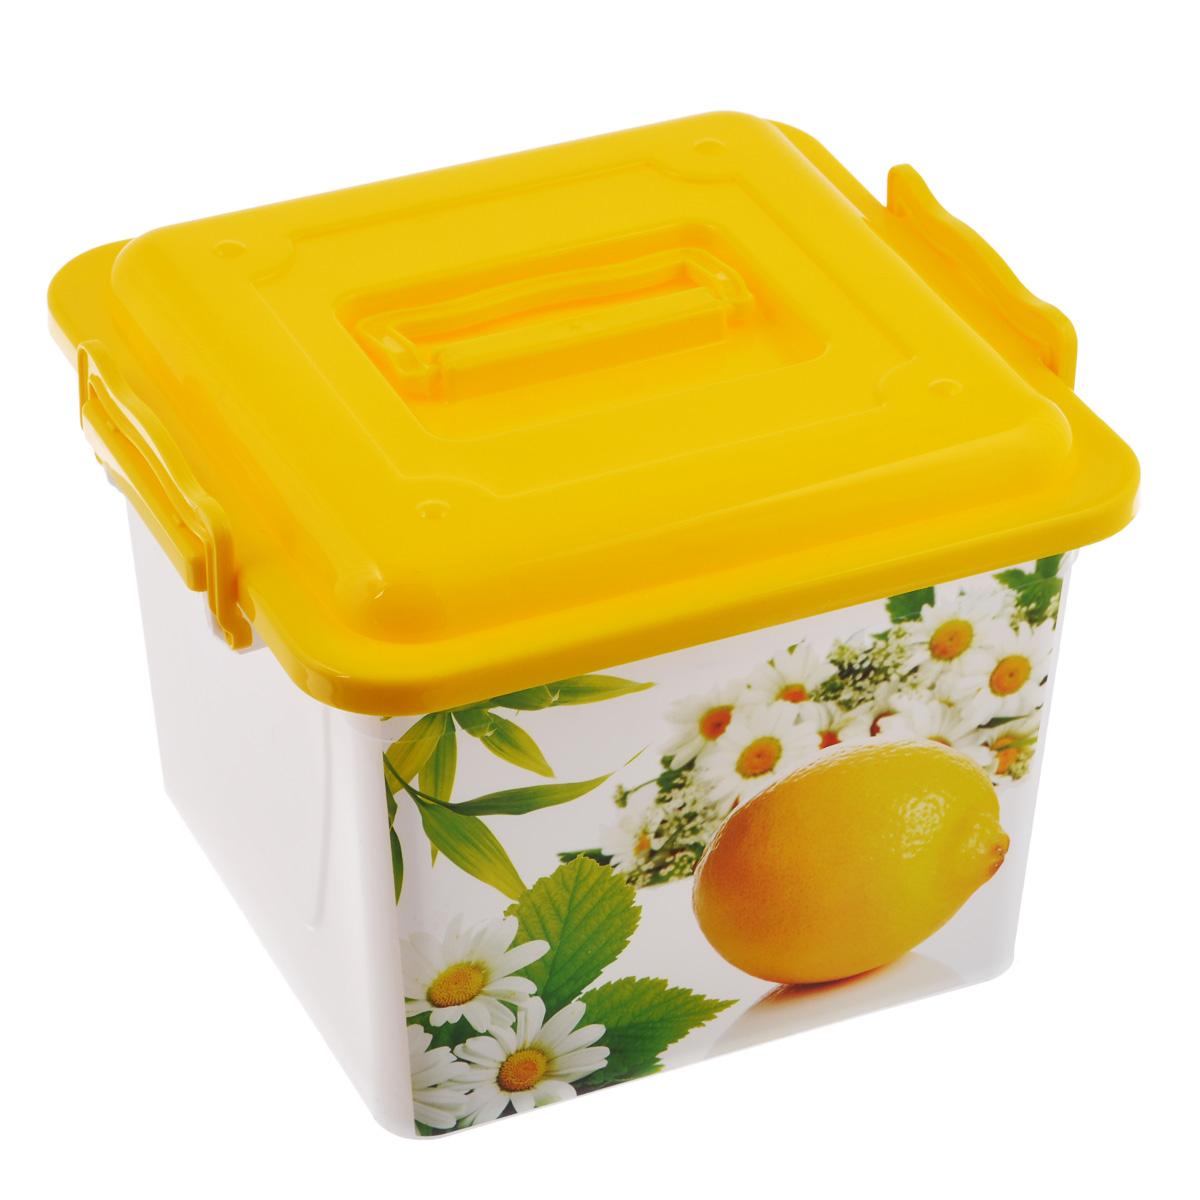 Контейнер универсальный Летнее настроение, цвет: белый, 8,5 л3611_кремовыйУниверсальный контейнер Летнее настроение прекрасно подойдет для хранения небольших игрушек, инструментов, швейных принадлежностей и многого другого. Он изготовлен из высококачественного пластика.. Контейнер закрывается крышкой. Удобный и легкий контейнер позволит вам хранить вещи в полном порядке, а благодаря современному дизайну он впишется в любой интерьер. Контейнер имеет компактные размеры, поэтому не занимает много места.